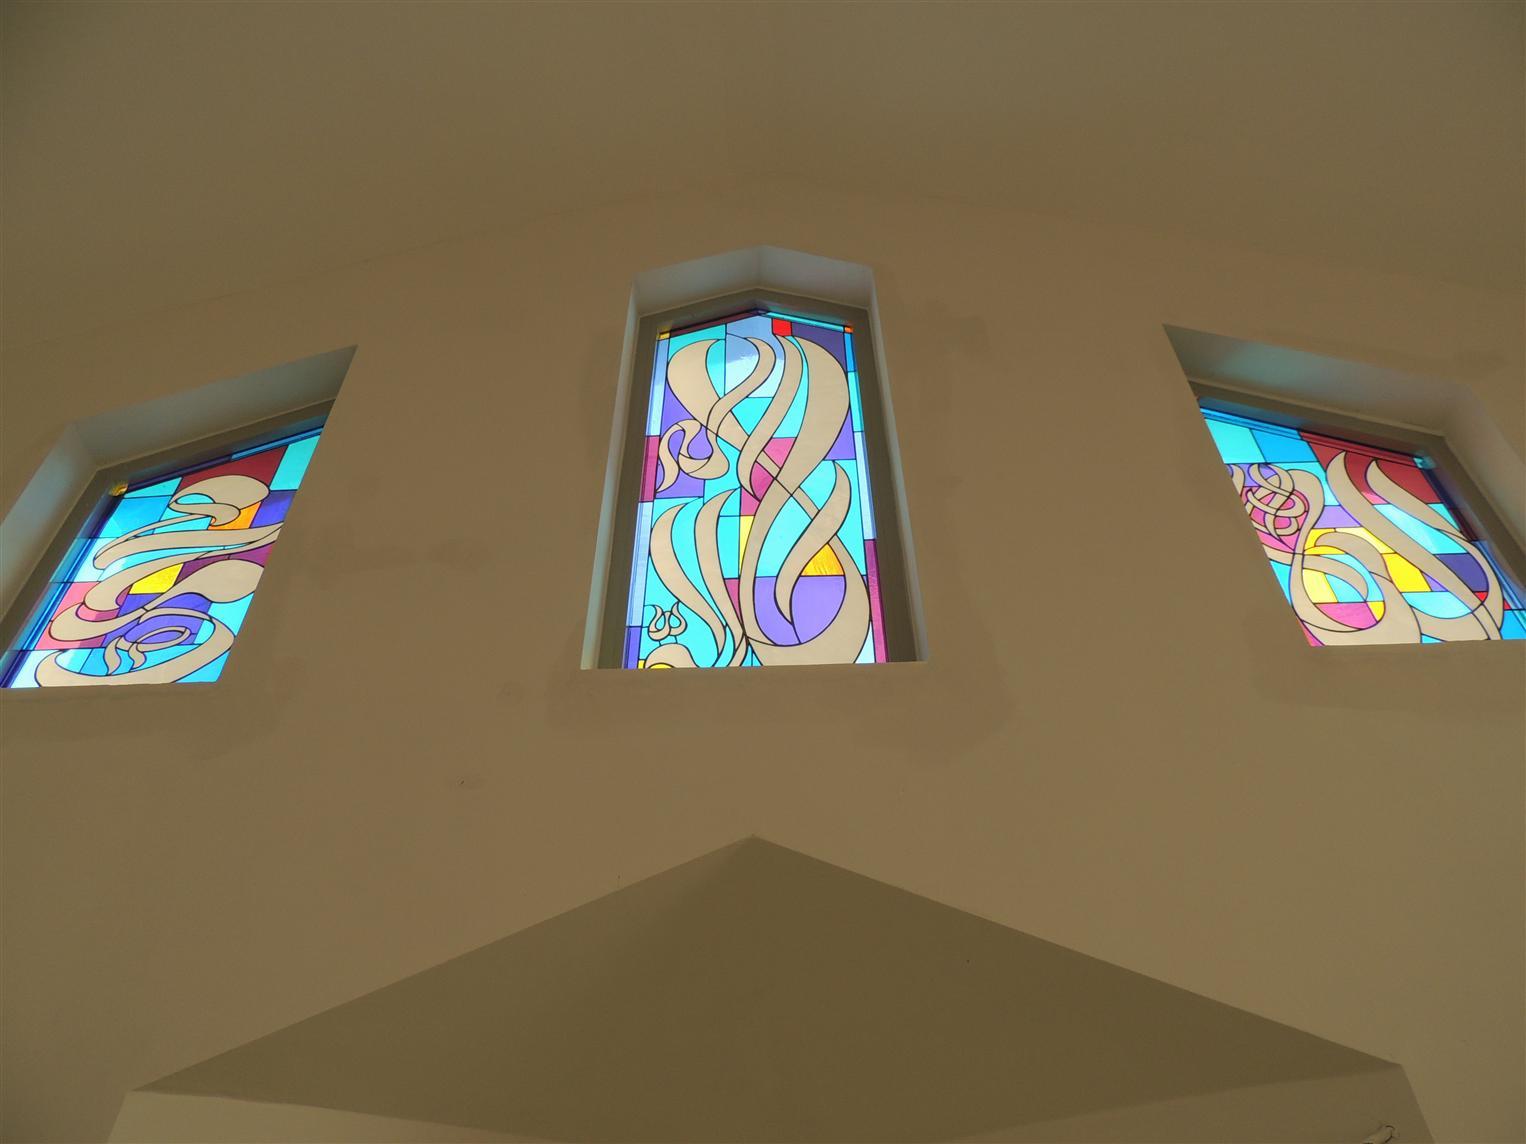 piri-reis-camii2015921174120697.jpg izmir vitray çalışması